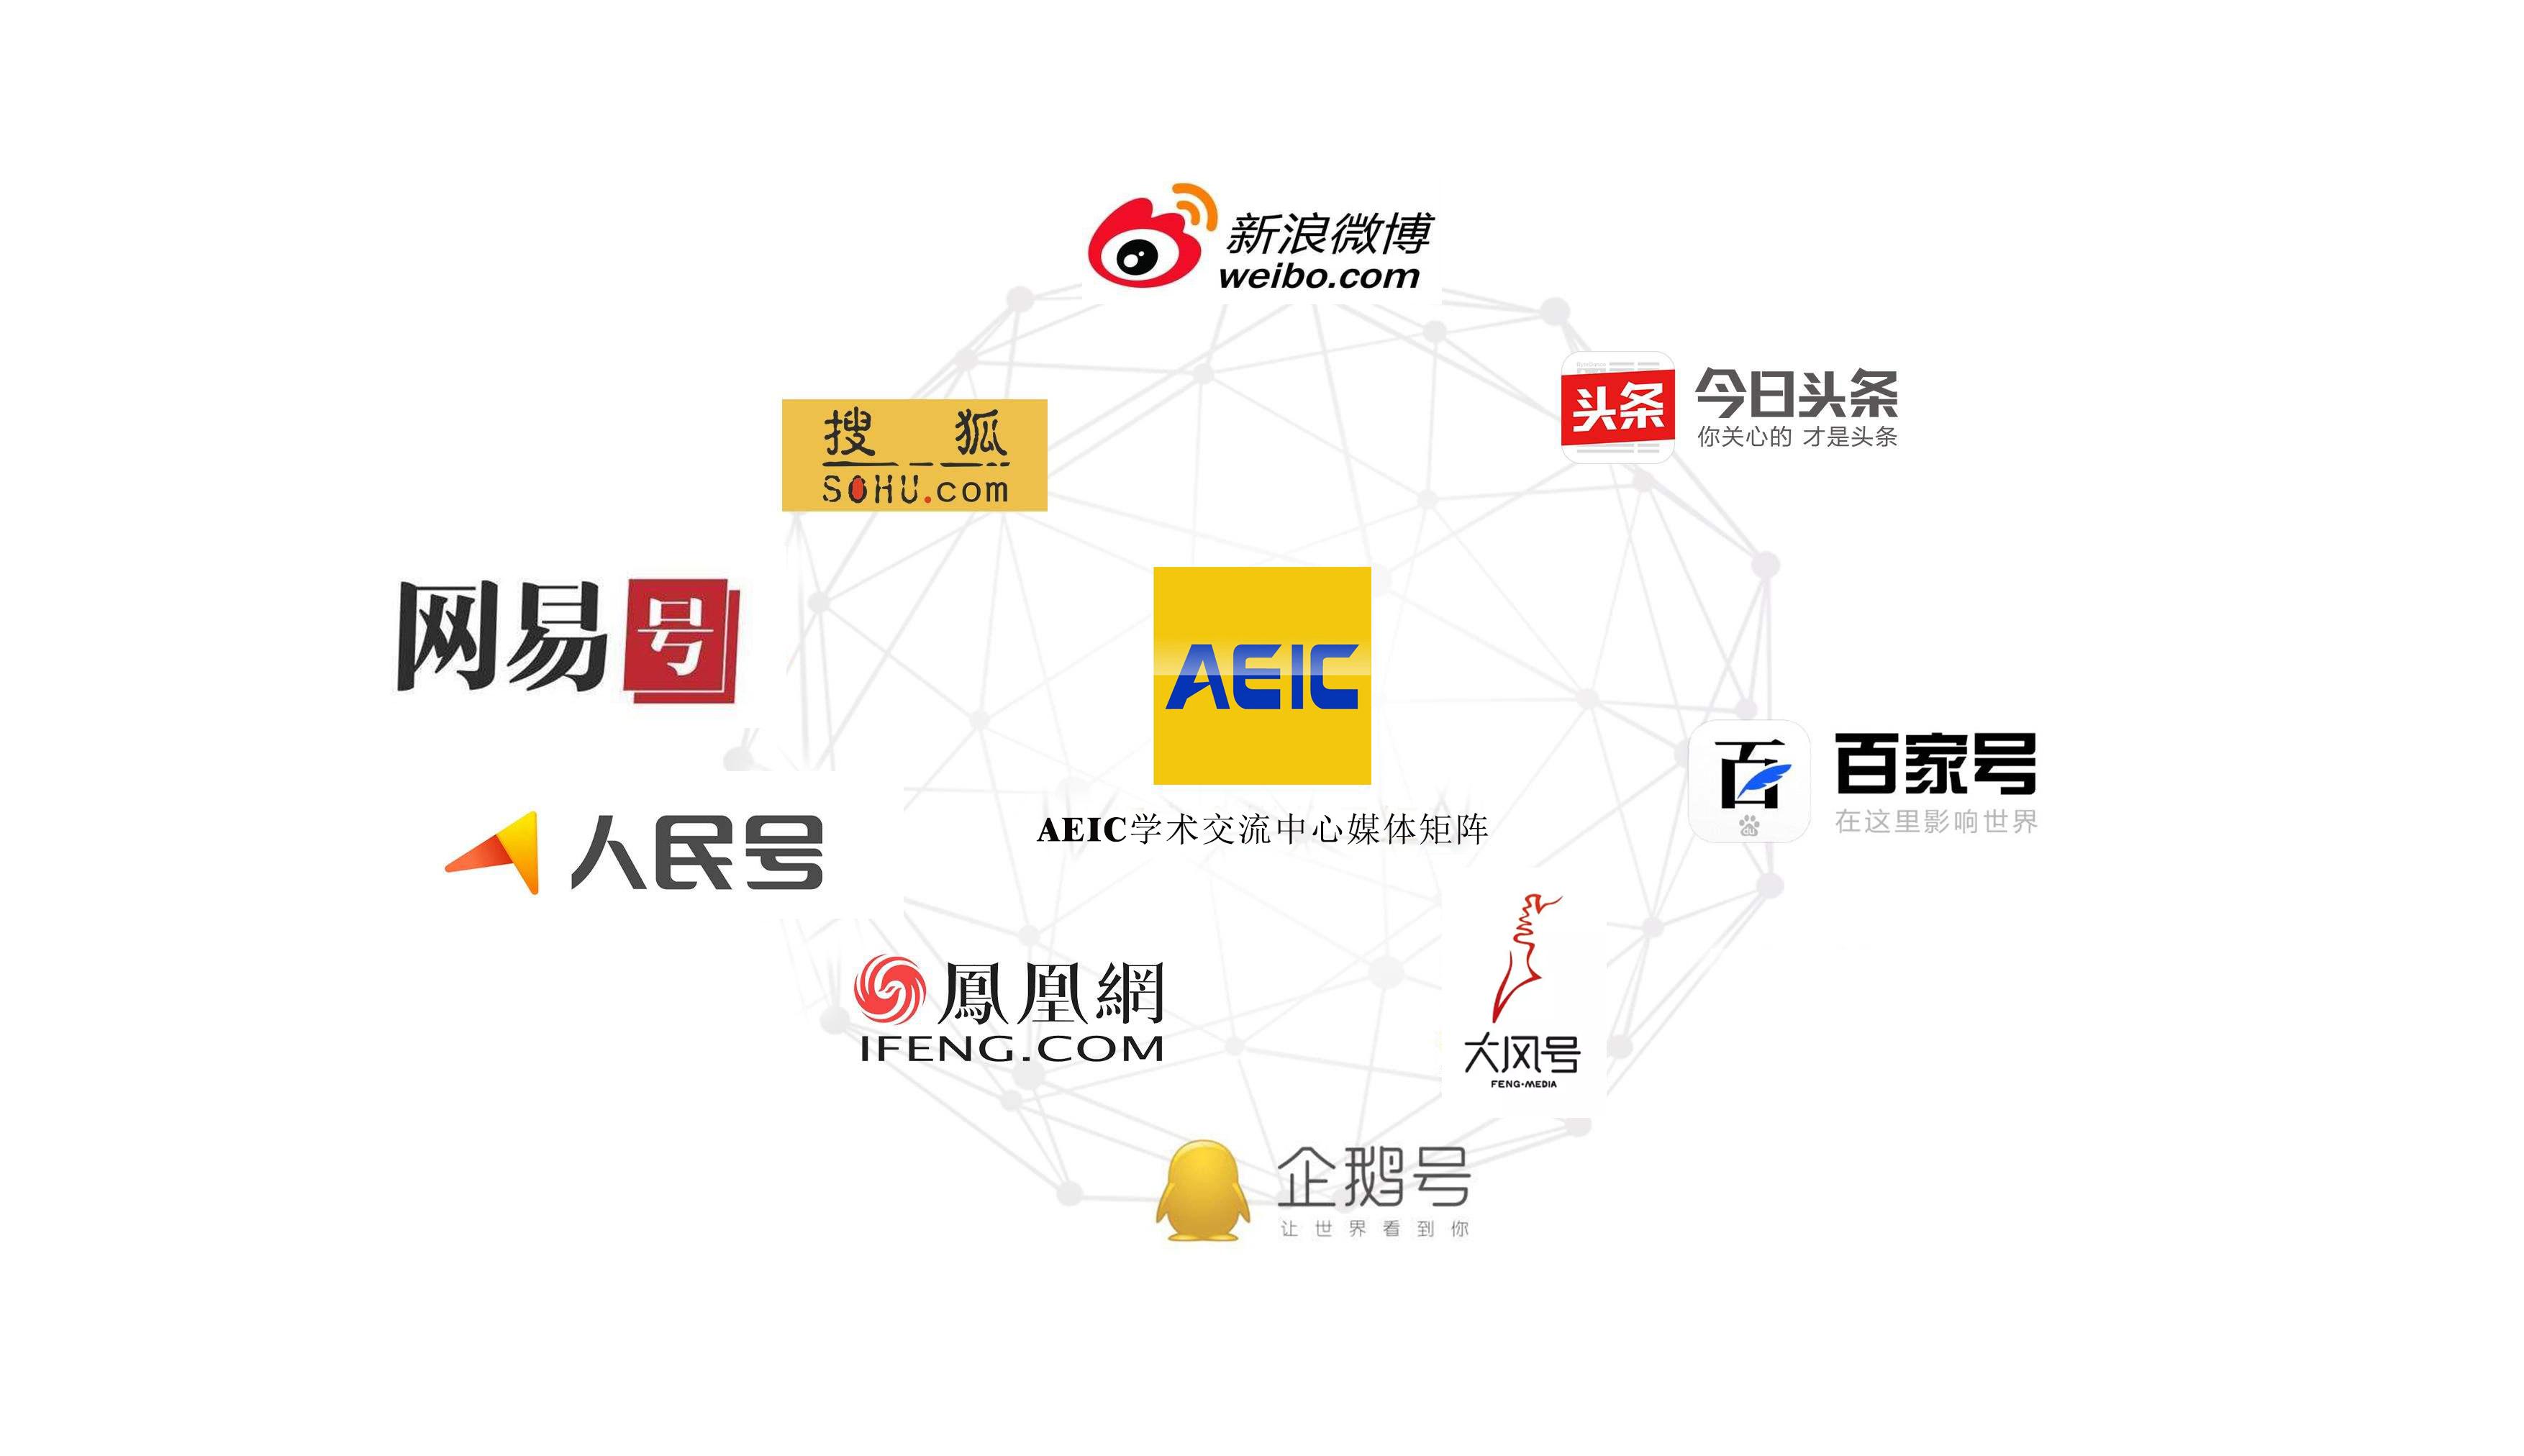 AEIC媒体矩阵图.jpg